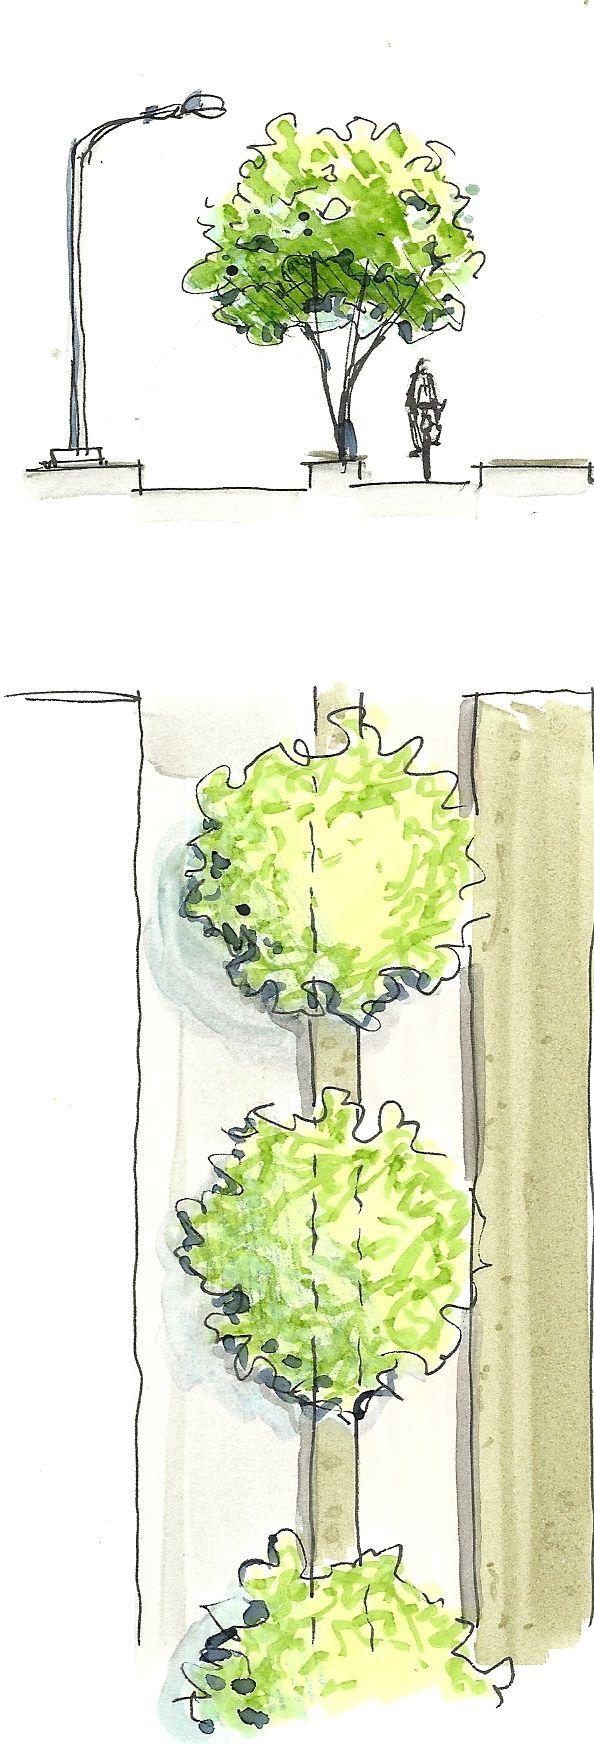 Sketch by Giovani Pavezzi